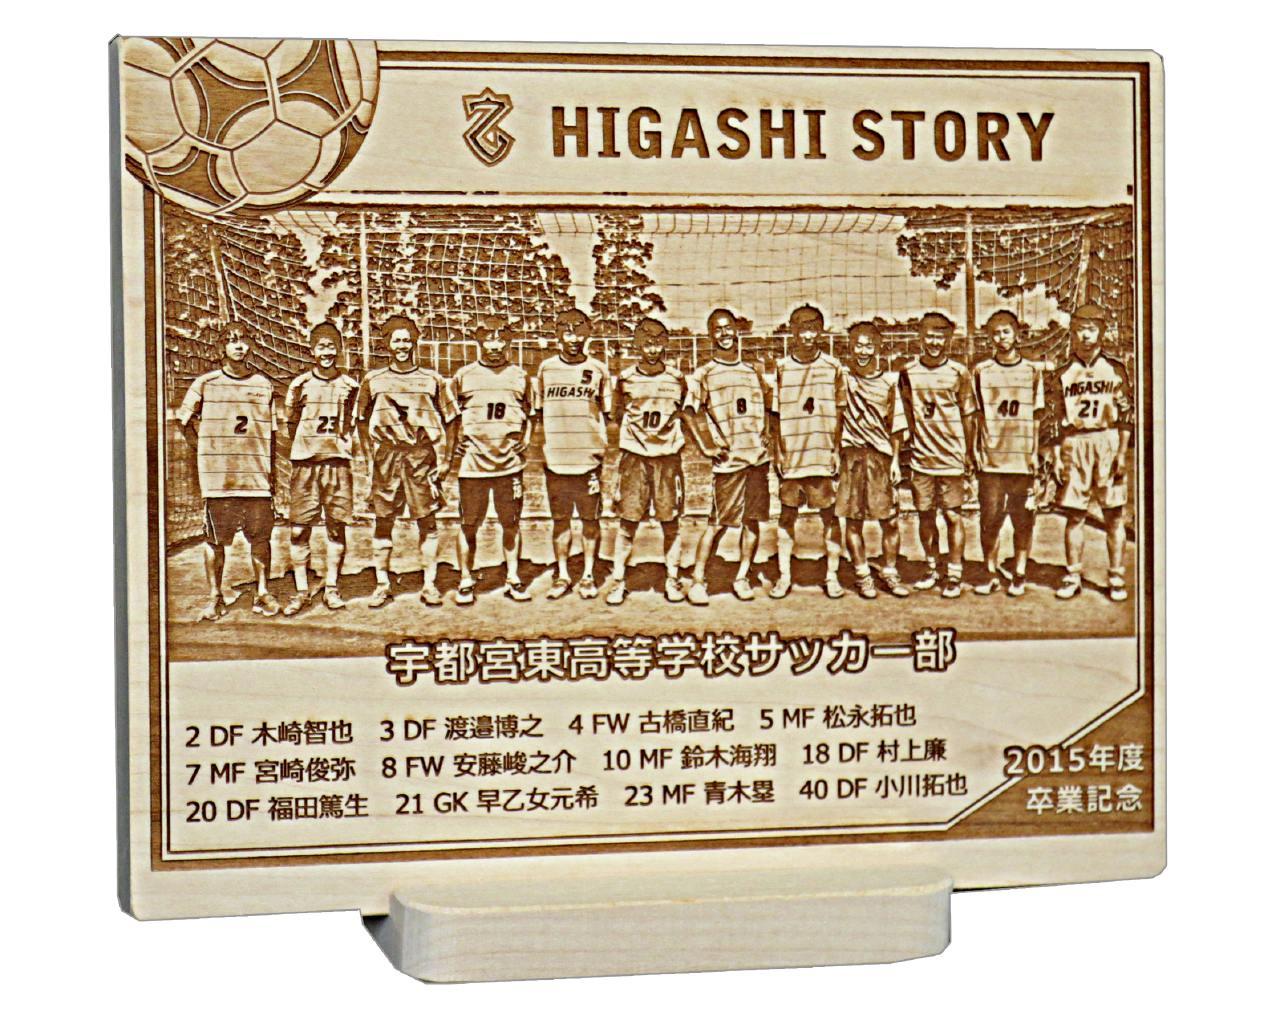 サッカー記念品 卒業 卒団に好評の、写真を彫刻して贈ろう。